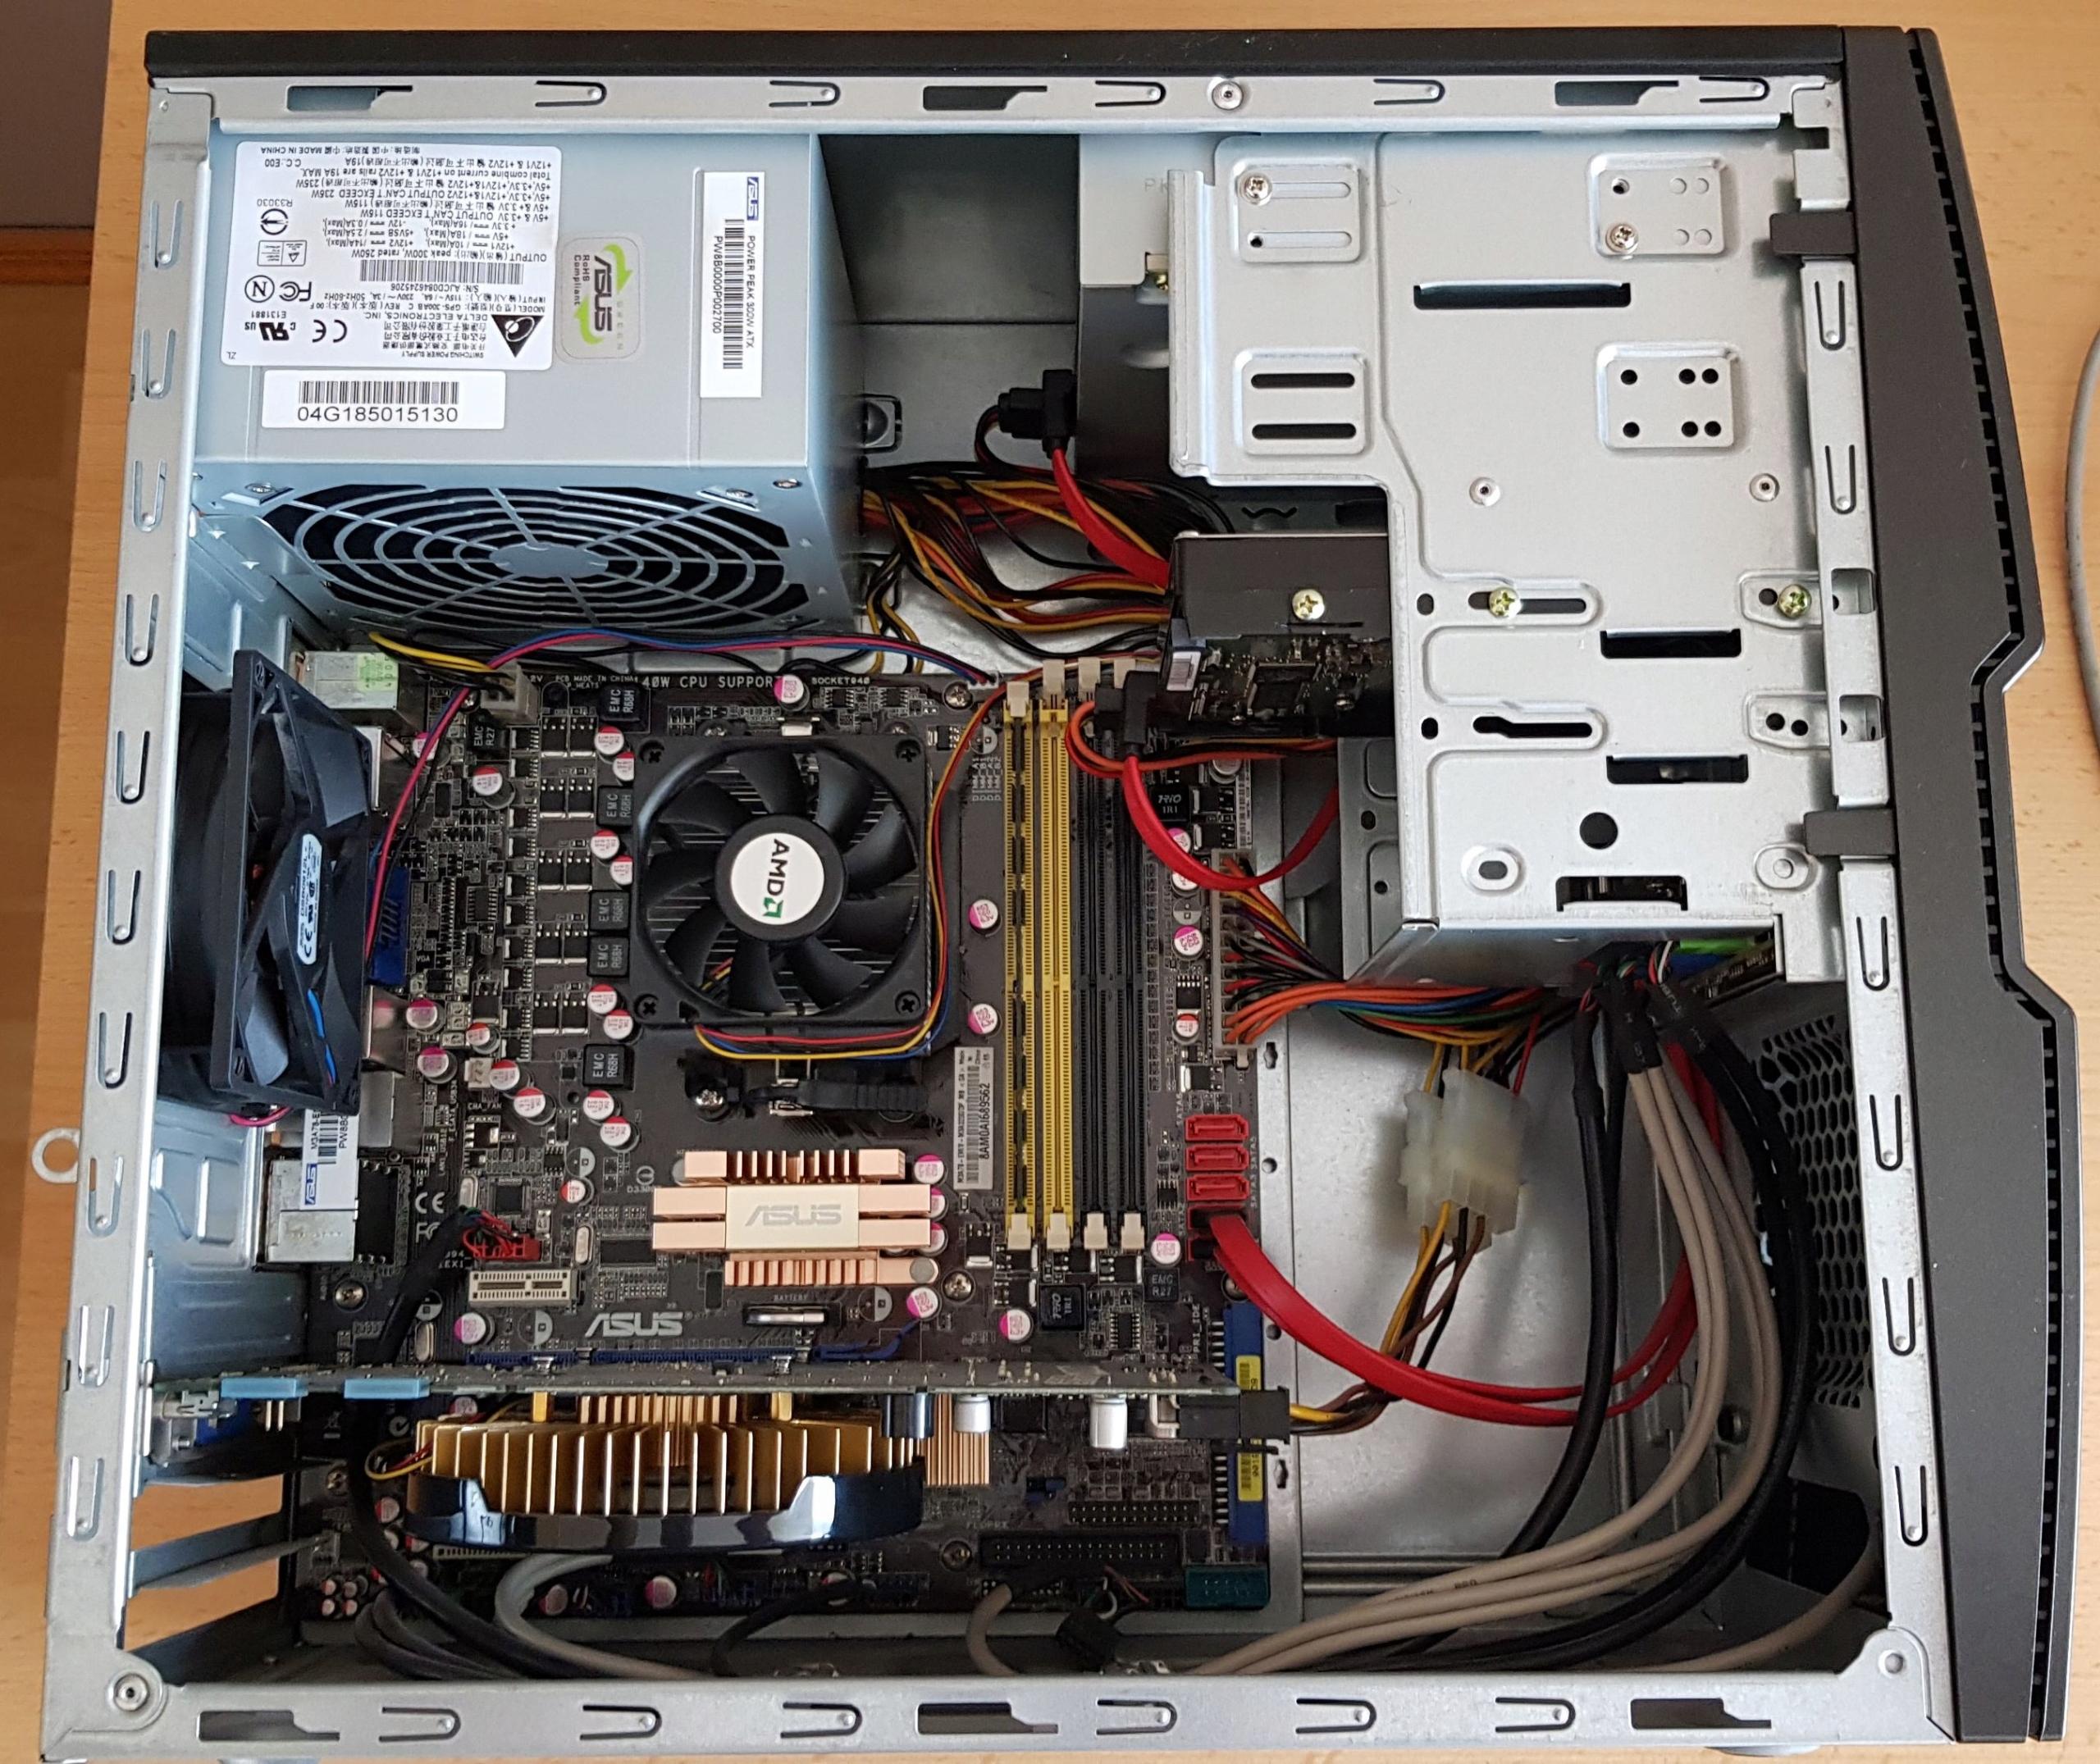 ASUS V4-M3A3200 WINDOWS 7 X64 TREIBER